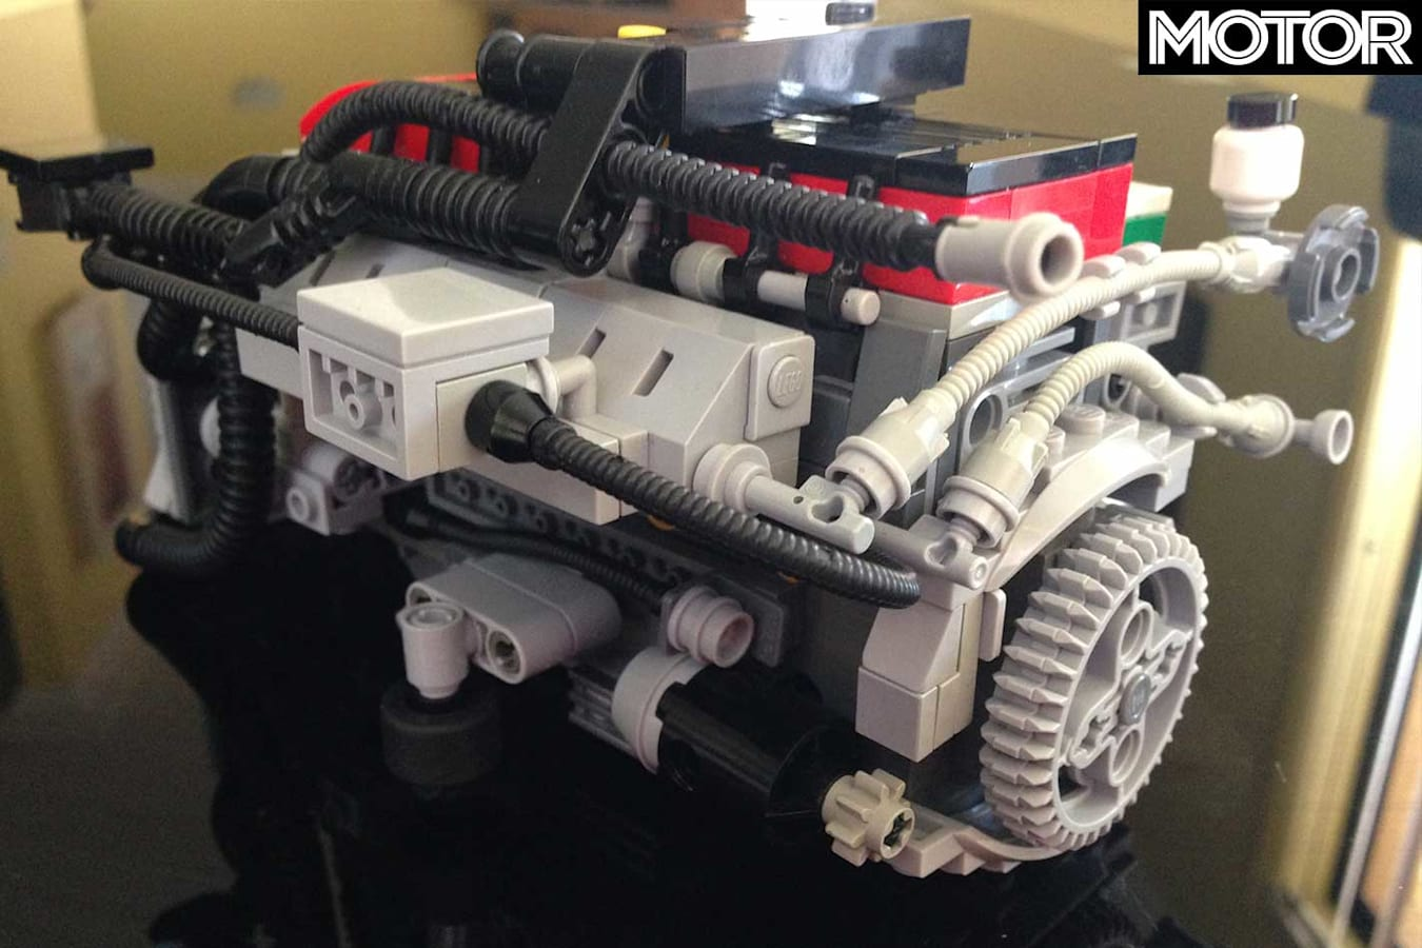 Barra Turbo Lego Rear Jpg